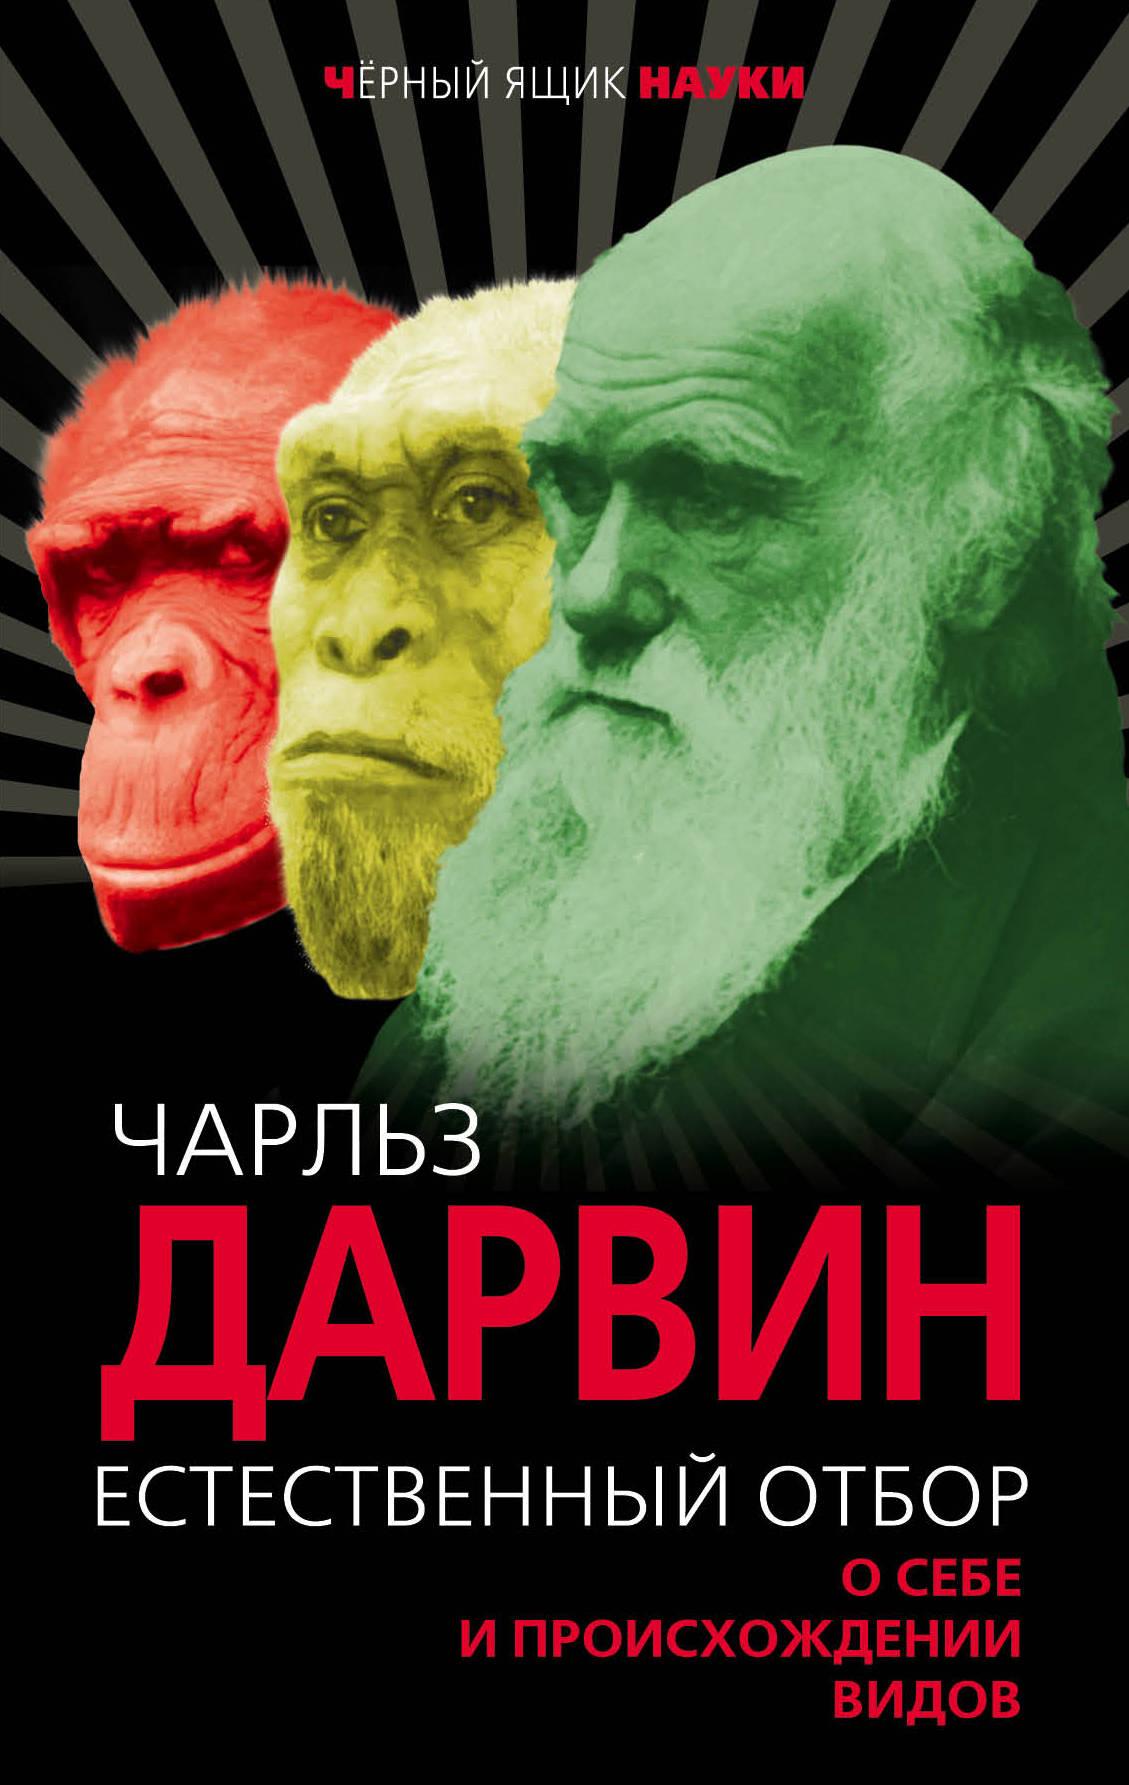 Дарвин Чарлз Роберт Естественный отбор. О себе и происхождении видов чарльз роберт дарвин происхождение человека и подбор по отношению к полу том 2